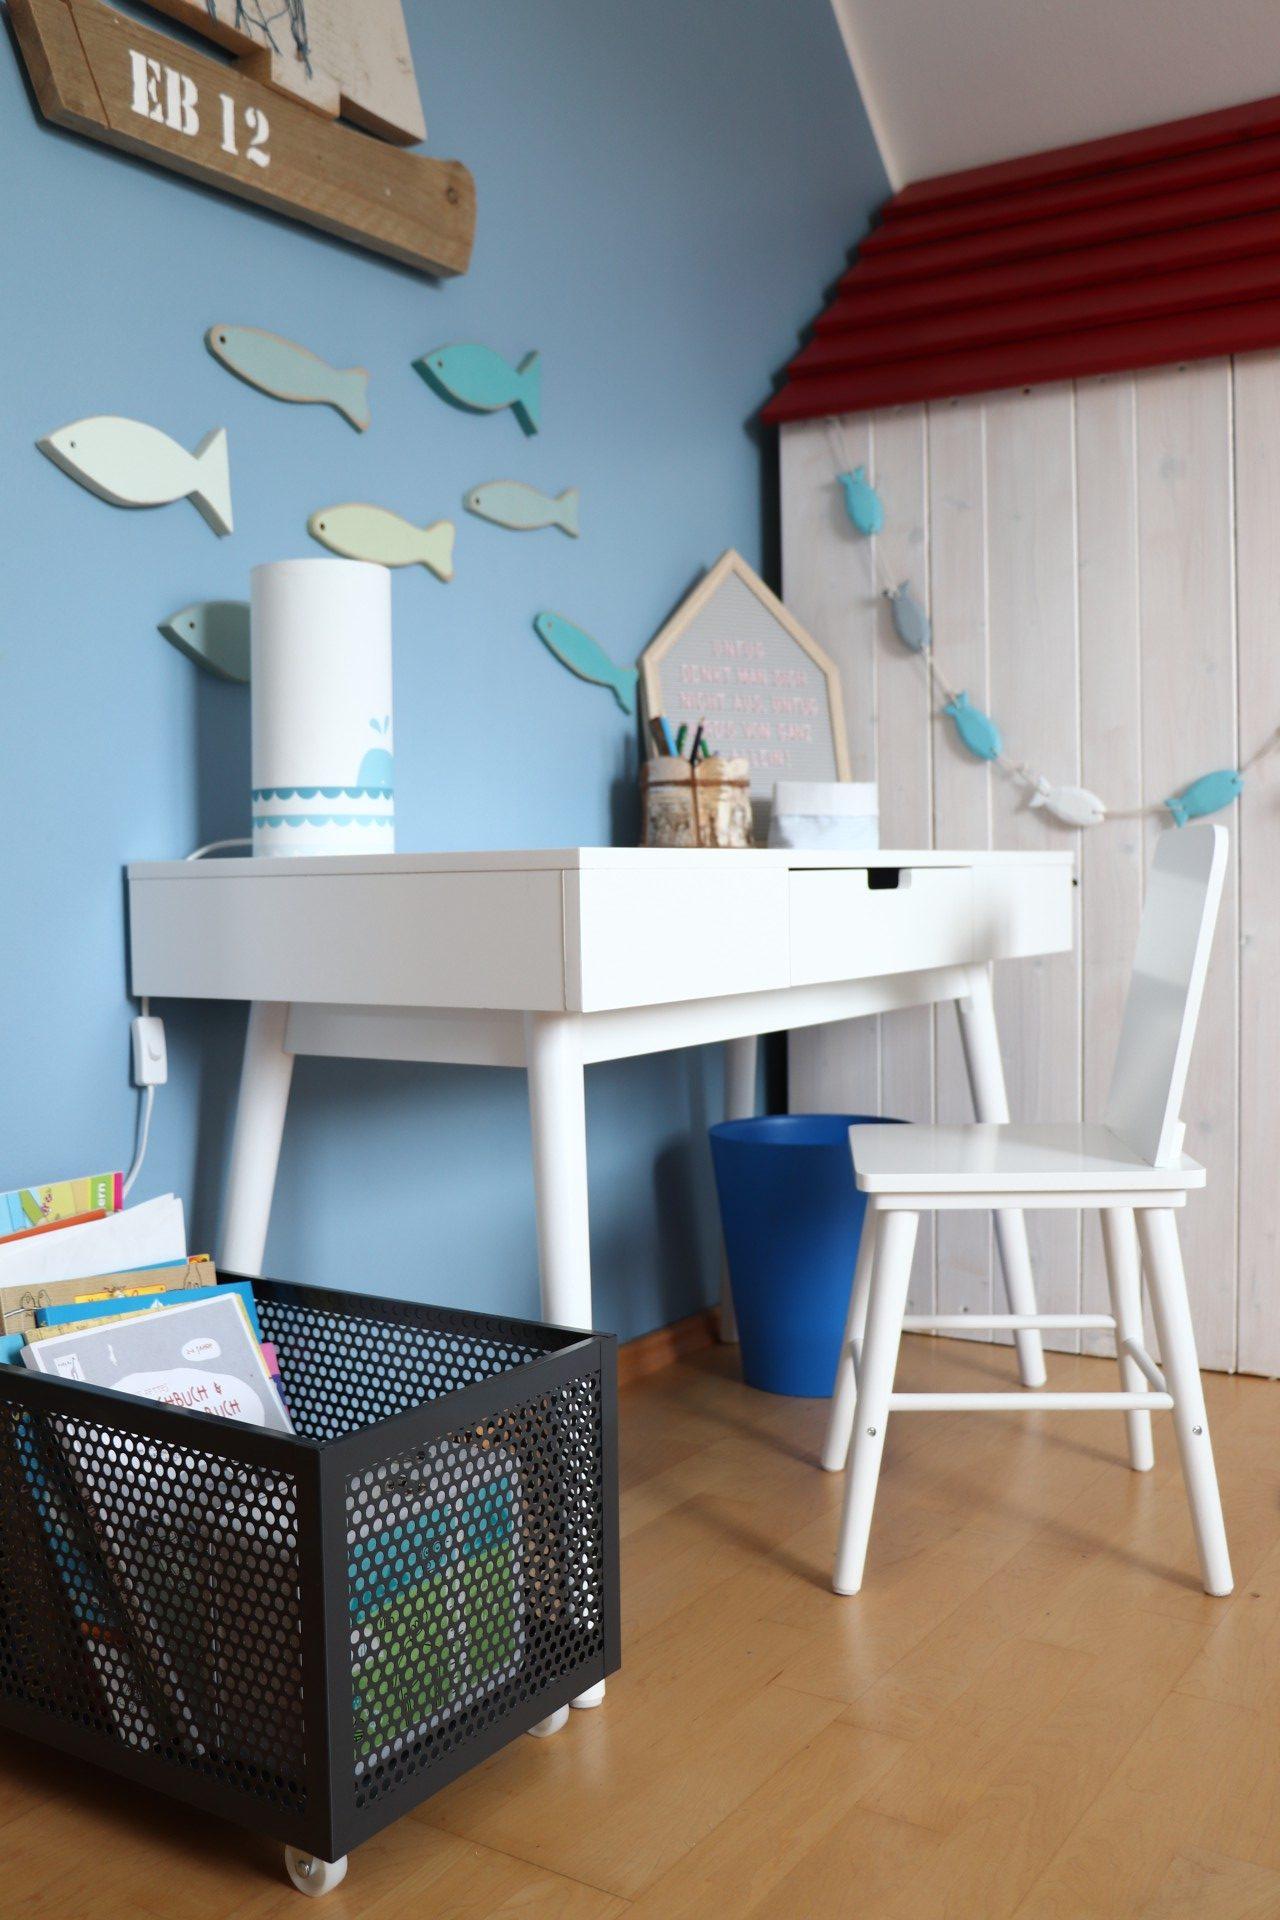 Full Size of Kinderzimmer Einrichtung Einrichten Schreibtisch Lavendelblog Sofa Regal Regale Weiß Kinderzimmer Kinderzimmer Einrichtung